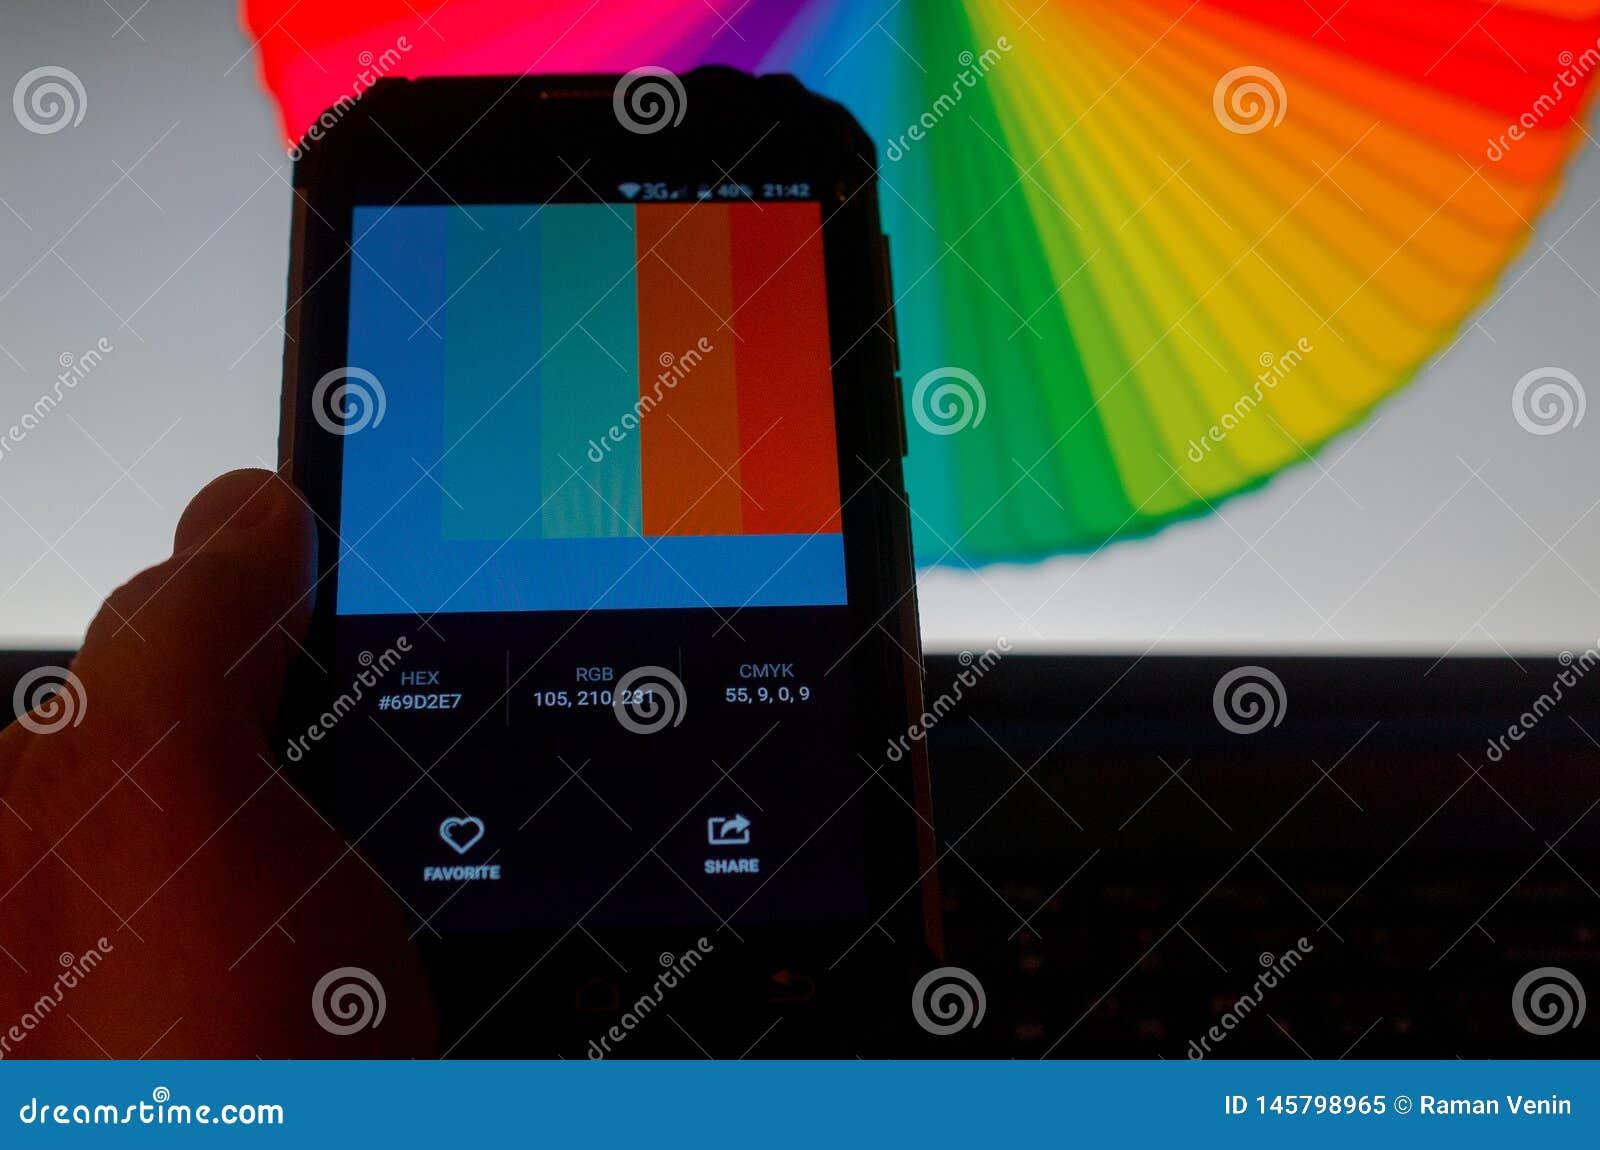 Paletas de cores eletr?nicas entre um smartphone e um port?til